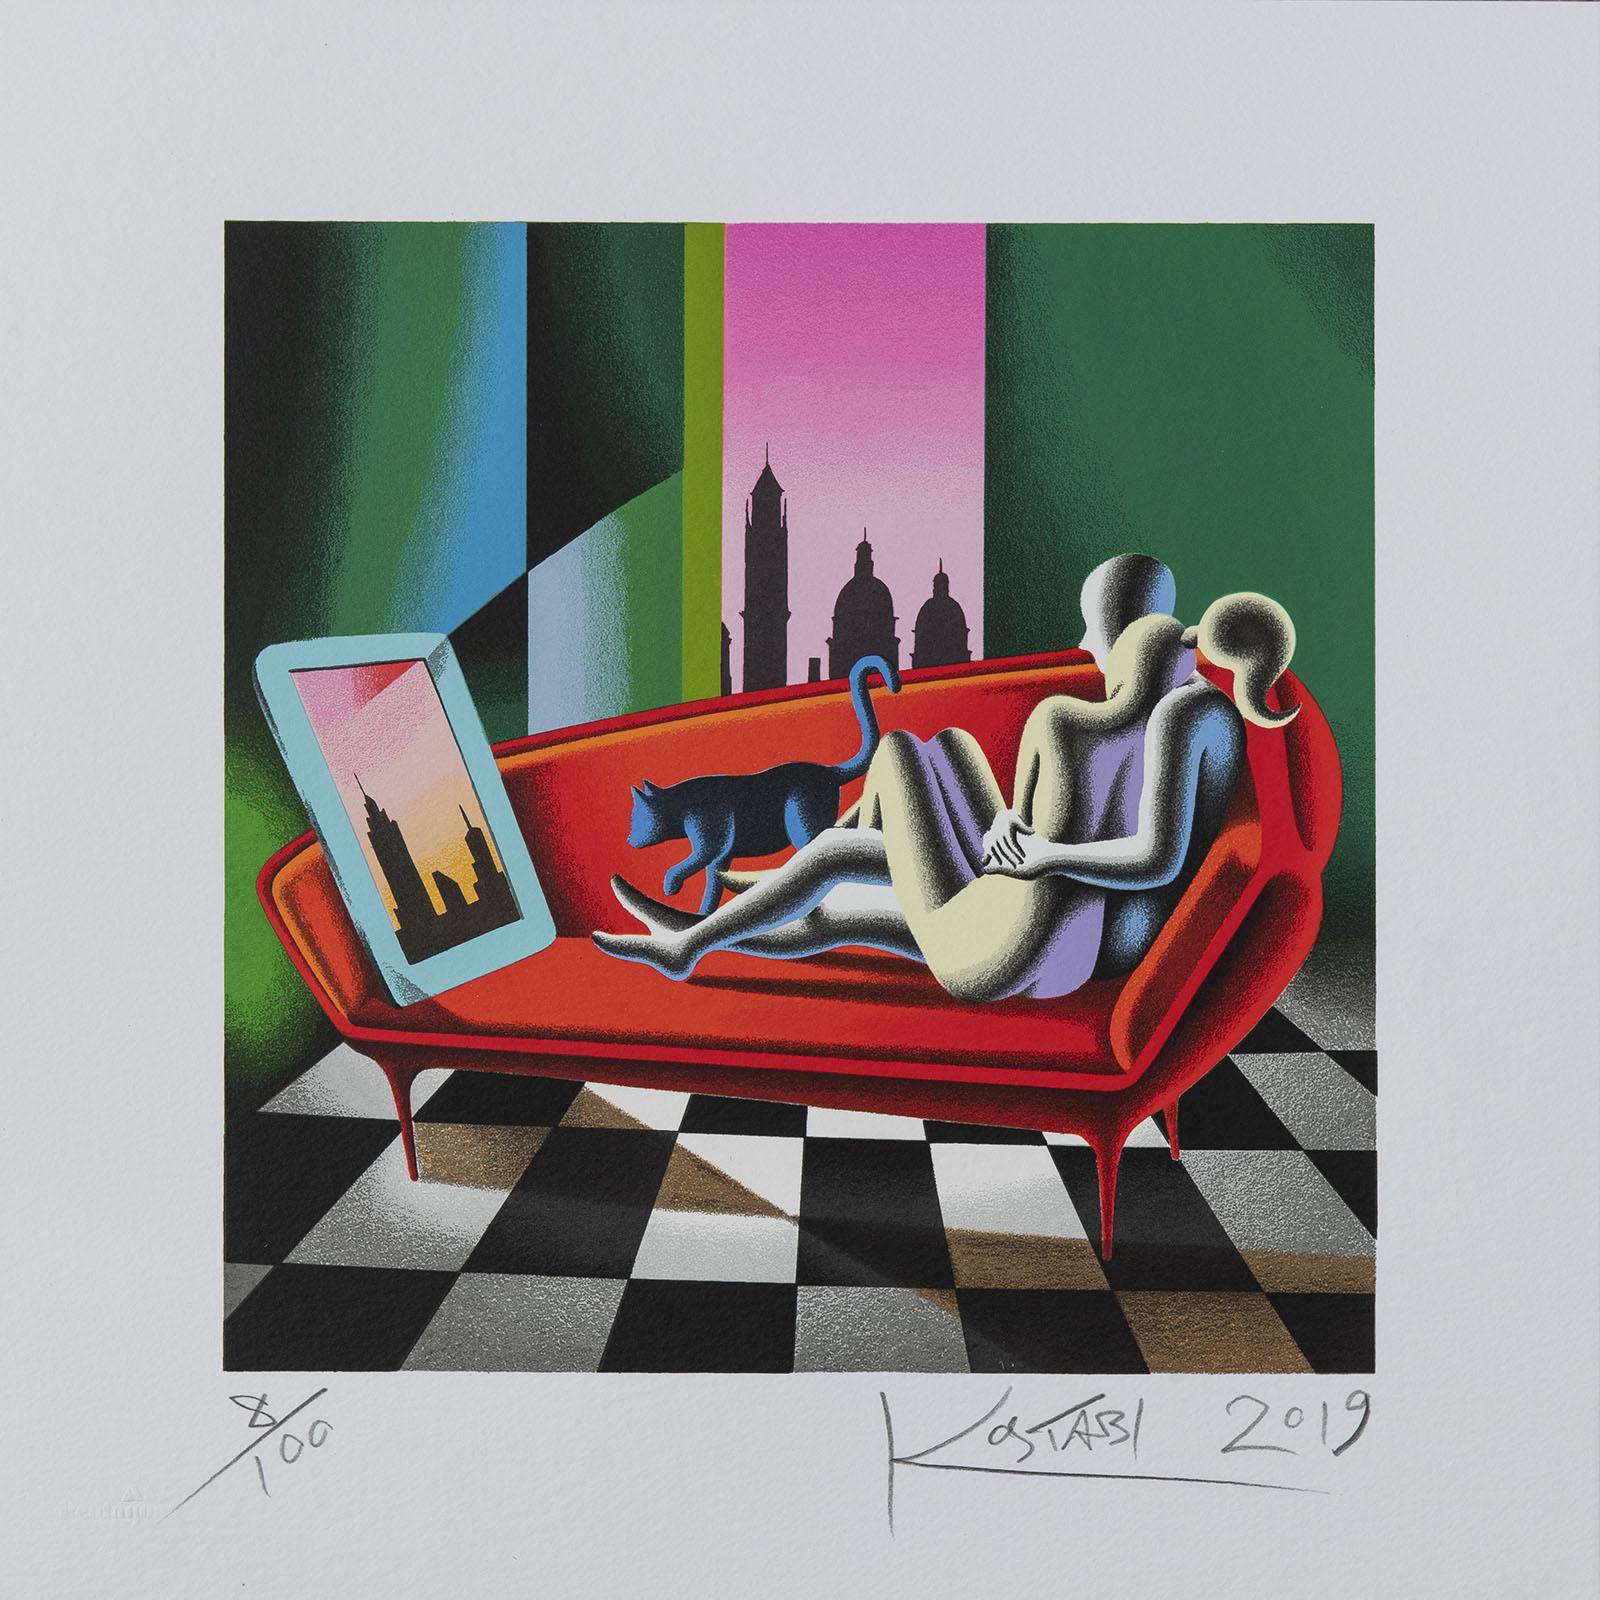 Kostabi - Parallel identity - 35x35